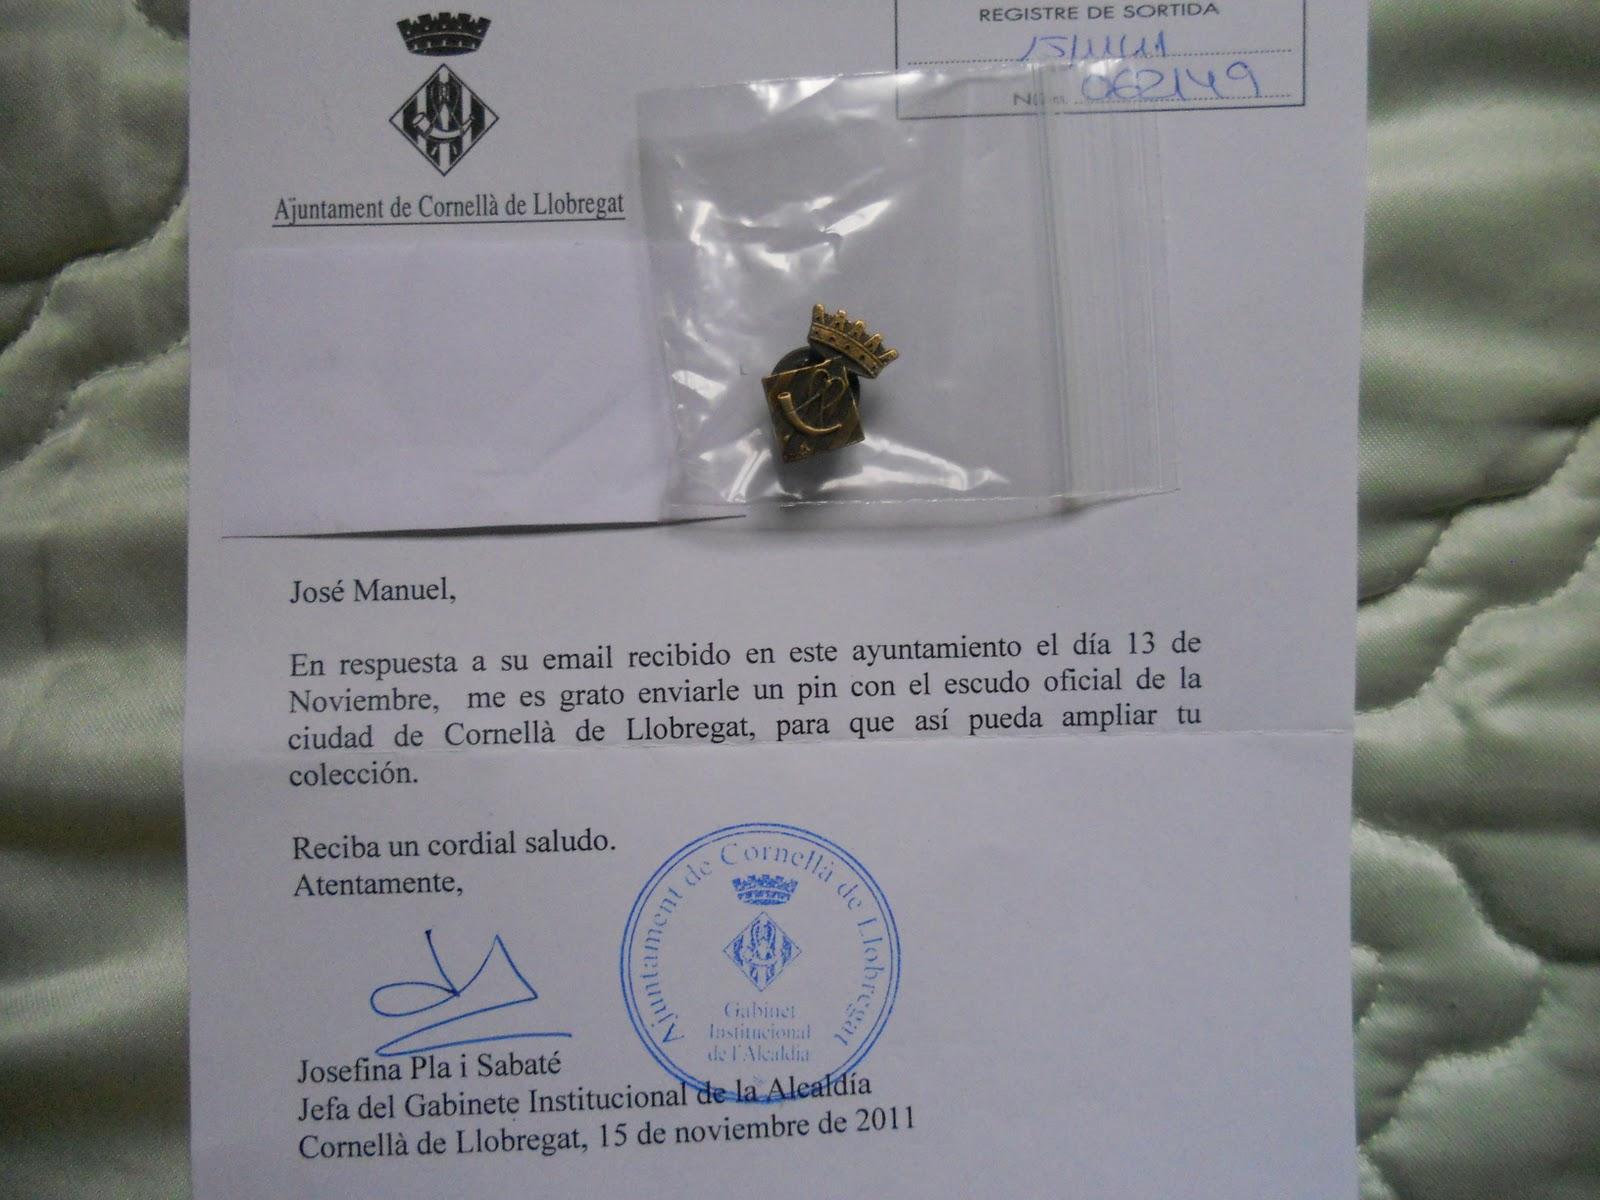 Pinspalomo pueblos de barcelona catalu a for Correos cornella de llobregat